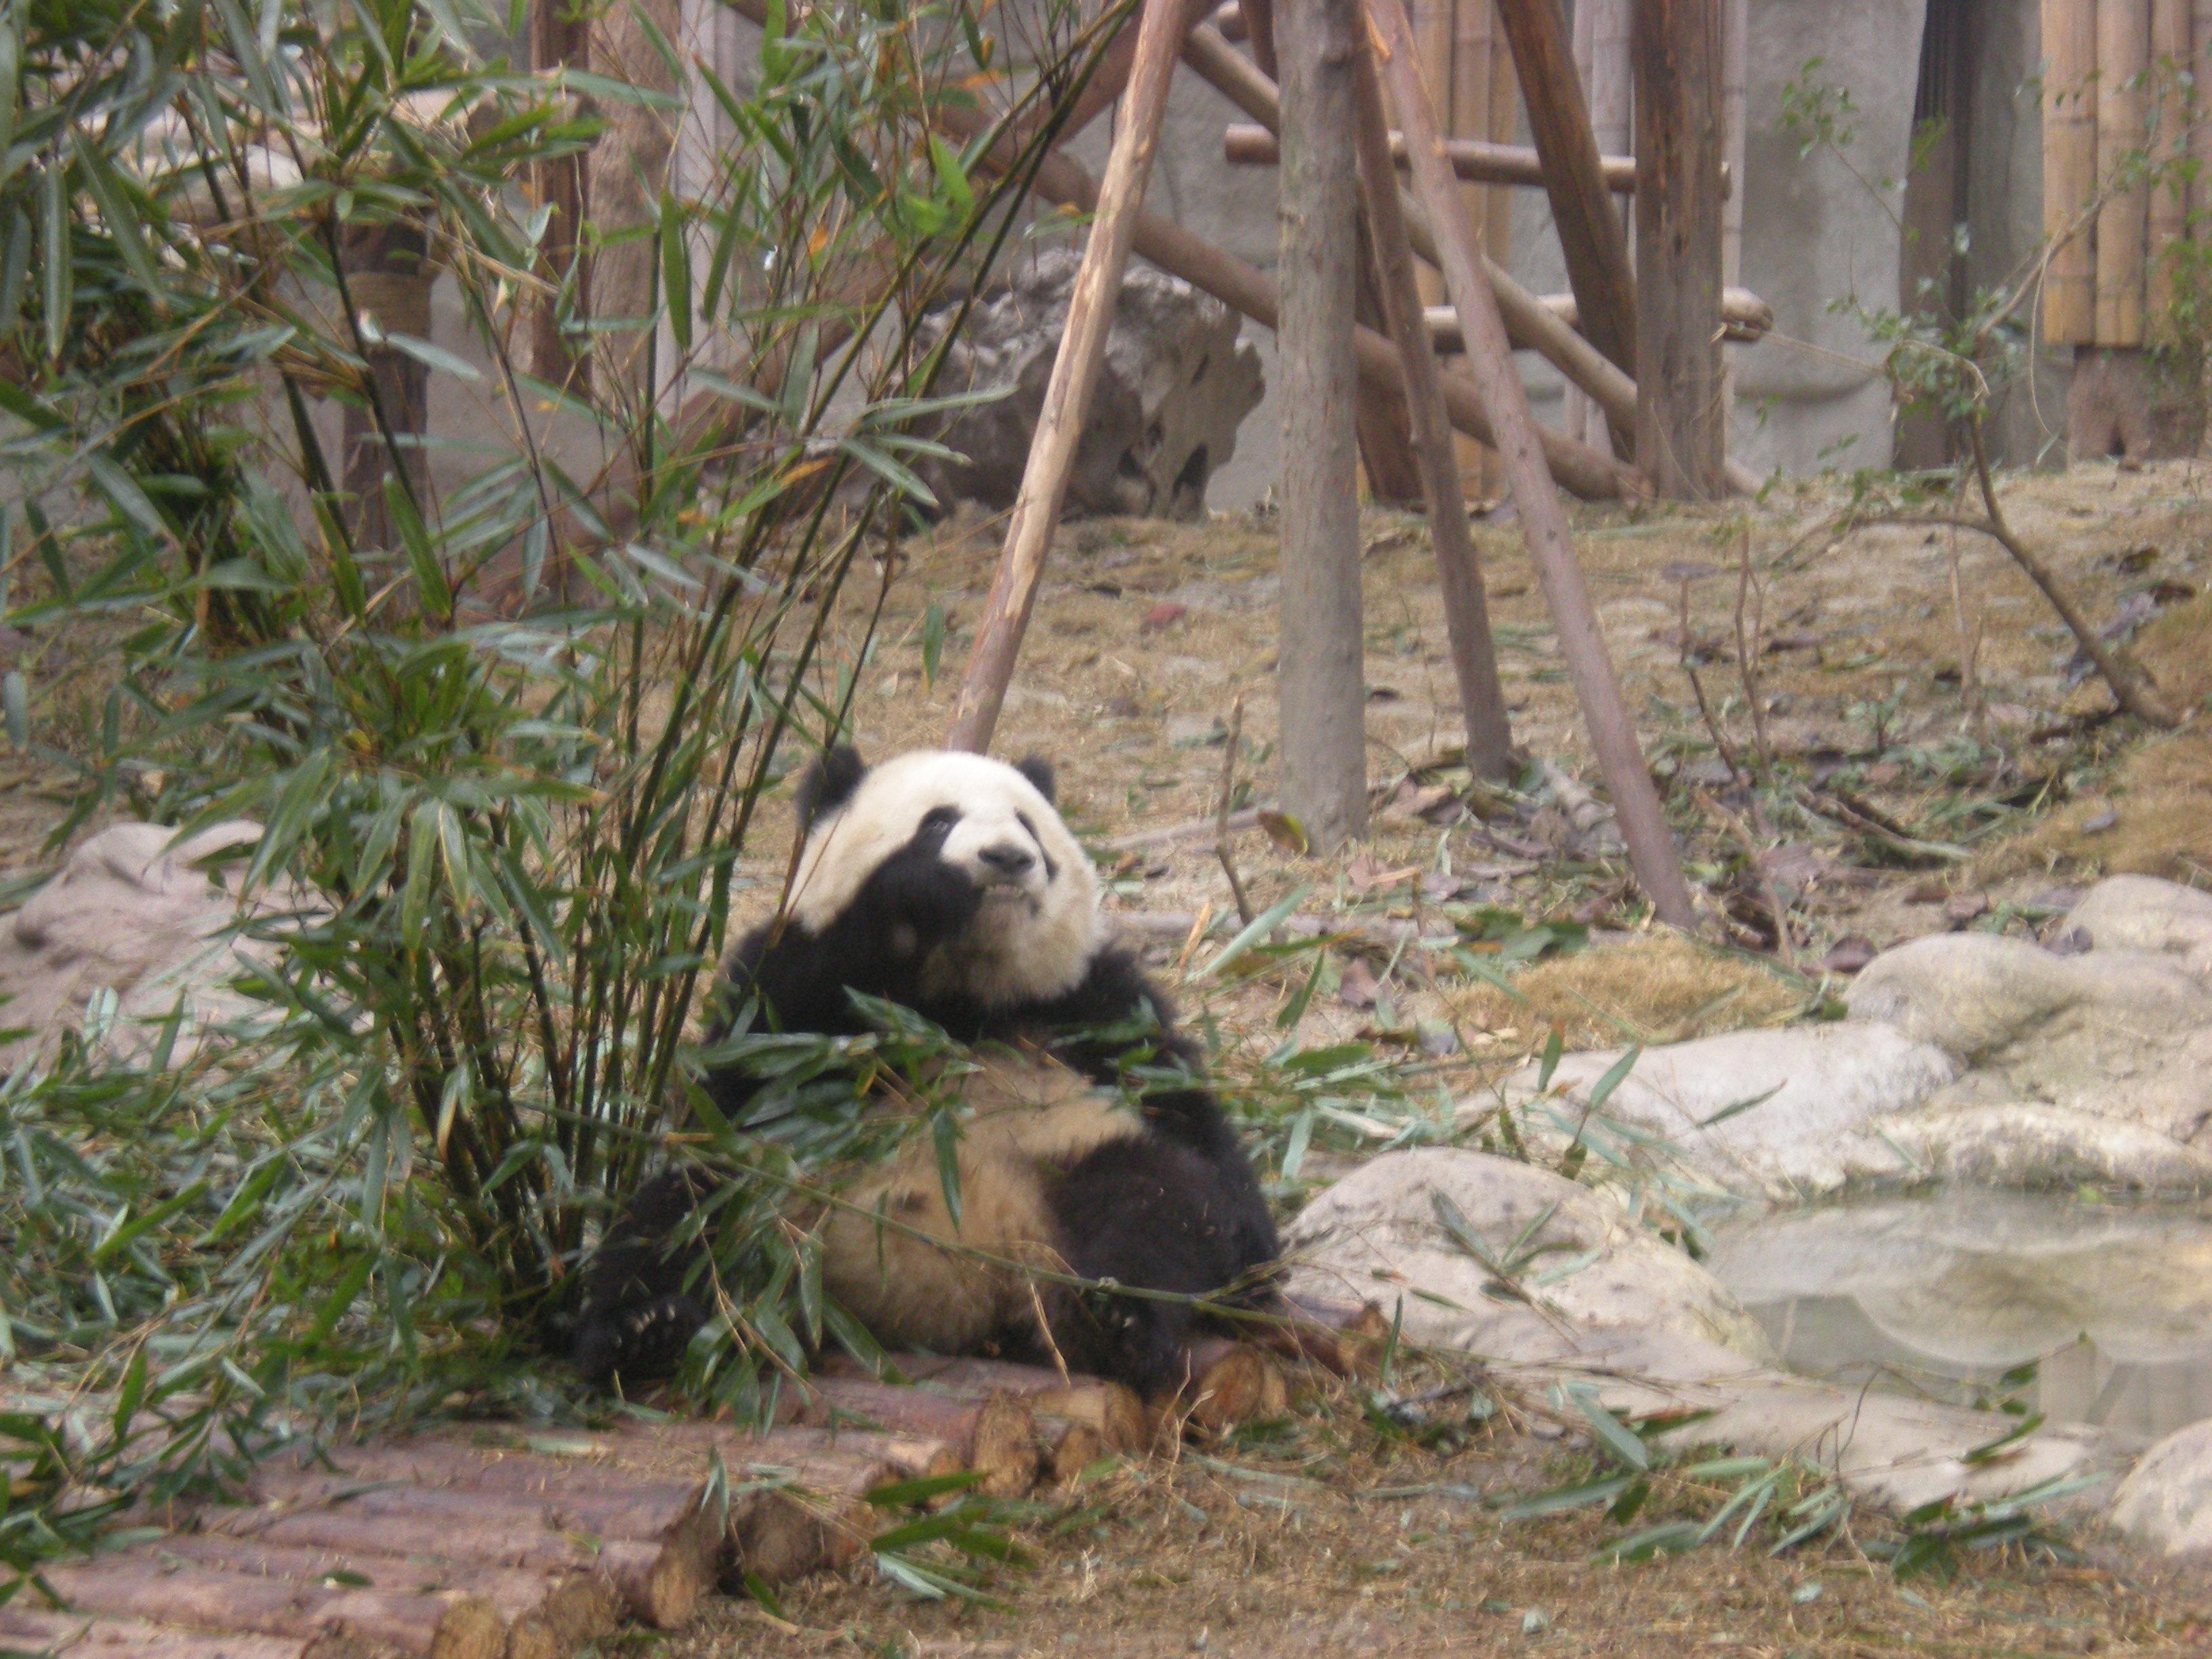 熊猫吃竹子的姿势可多了,坐着的有